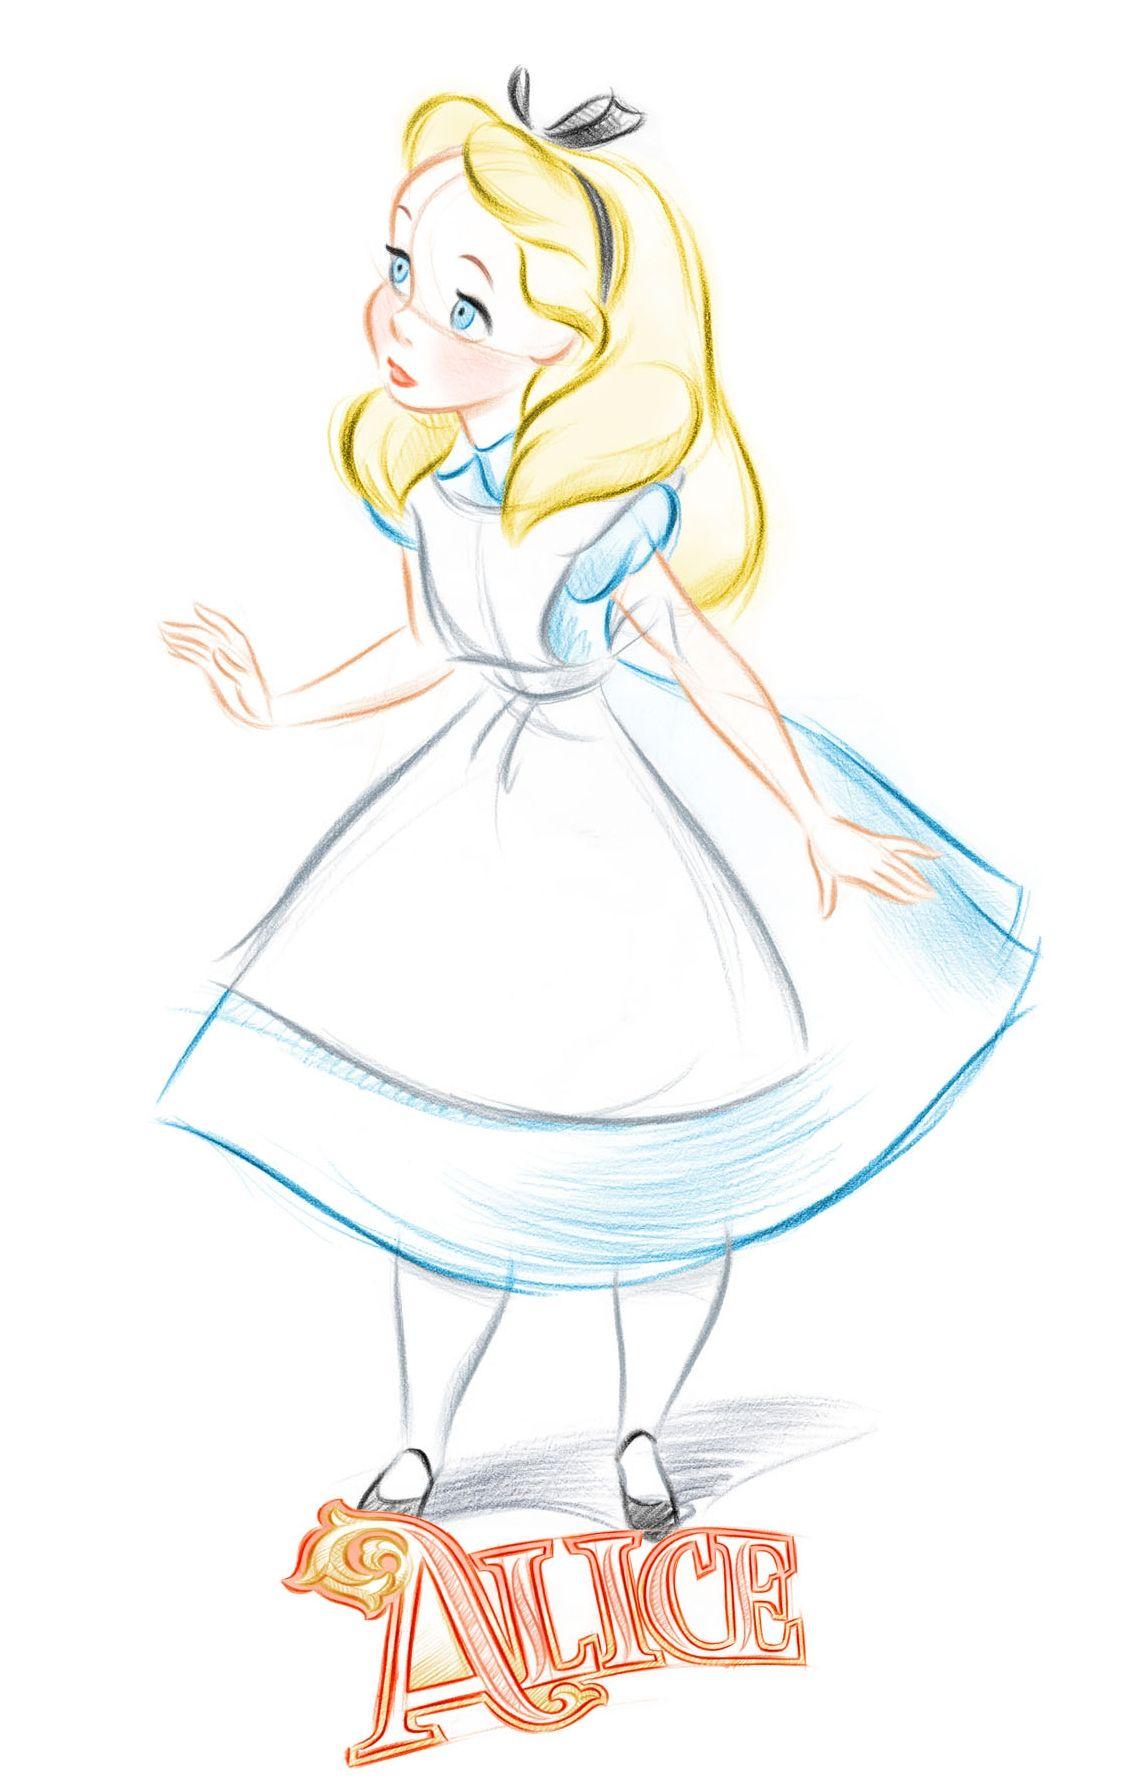 Dessin Alice Au Pays Des Merveilles Facile : dessin, alice, merveilles, facile, Alice, Sketch, Pedro, Astudillo, Dessins, Disney,, Merveilles,, Disney, Faciles